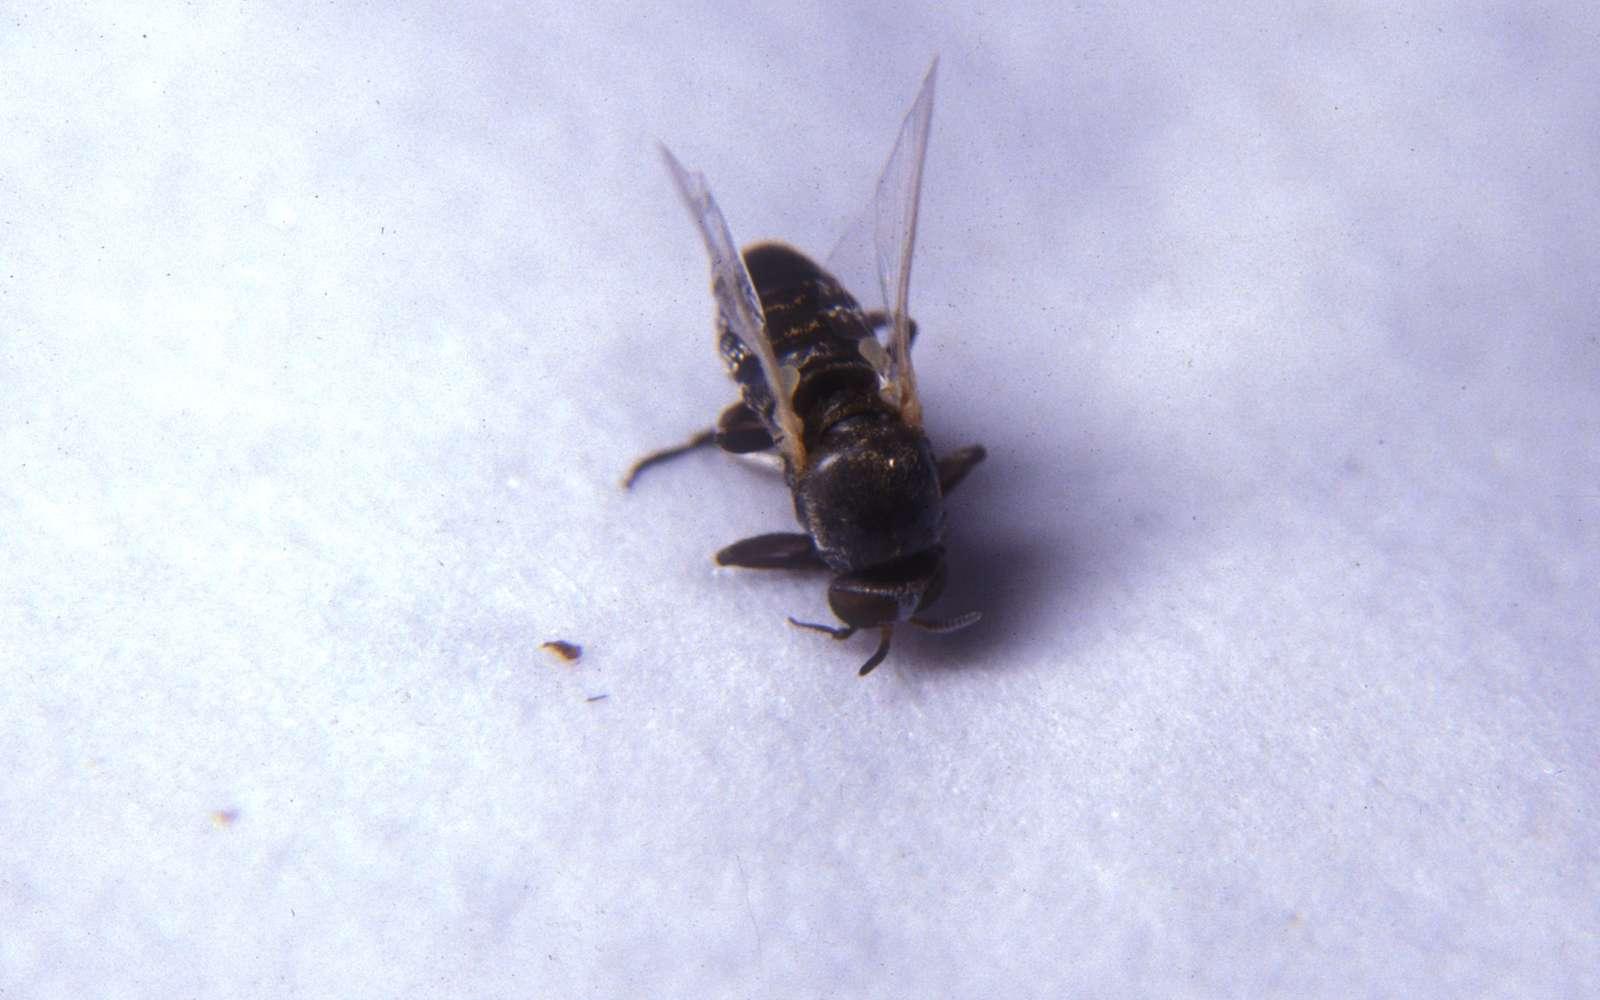 Le nématode responsable de l'onchocercose se transmet par une mouche noire qui se reproduit dans les cours d'eau agités. © Community Eye Health, Flickr, CC by-nc 2.0